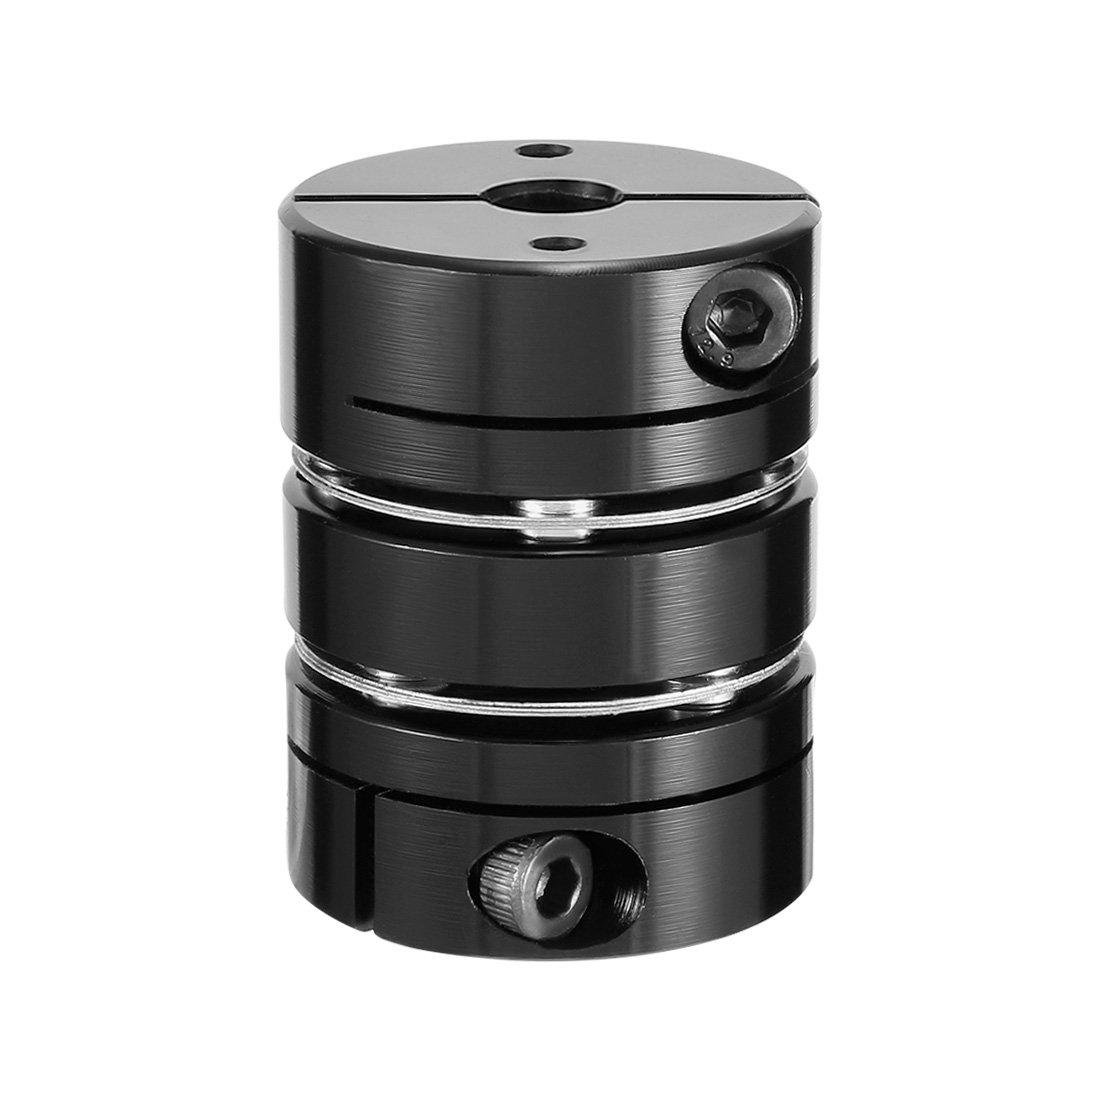 1.56 Elastomer Length 2.94 OD EPDM Rubber Lovejoy 35350 Size 5JE Solid Design S-Flex Coupling Sleeve 240 in-lbs Nominal Torque